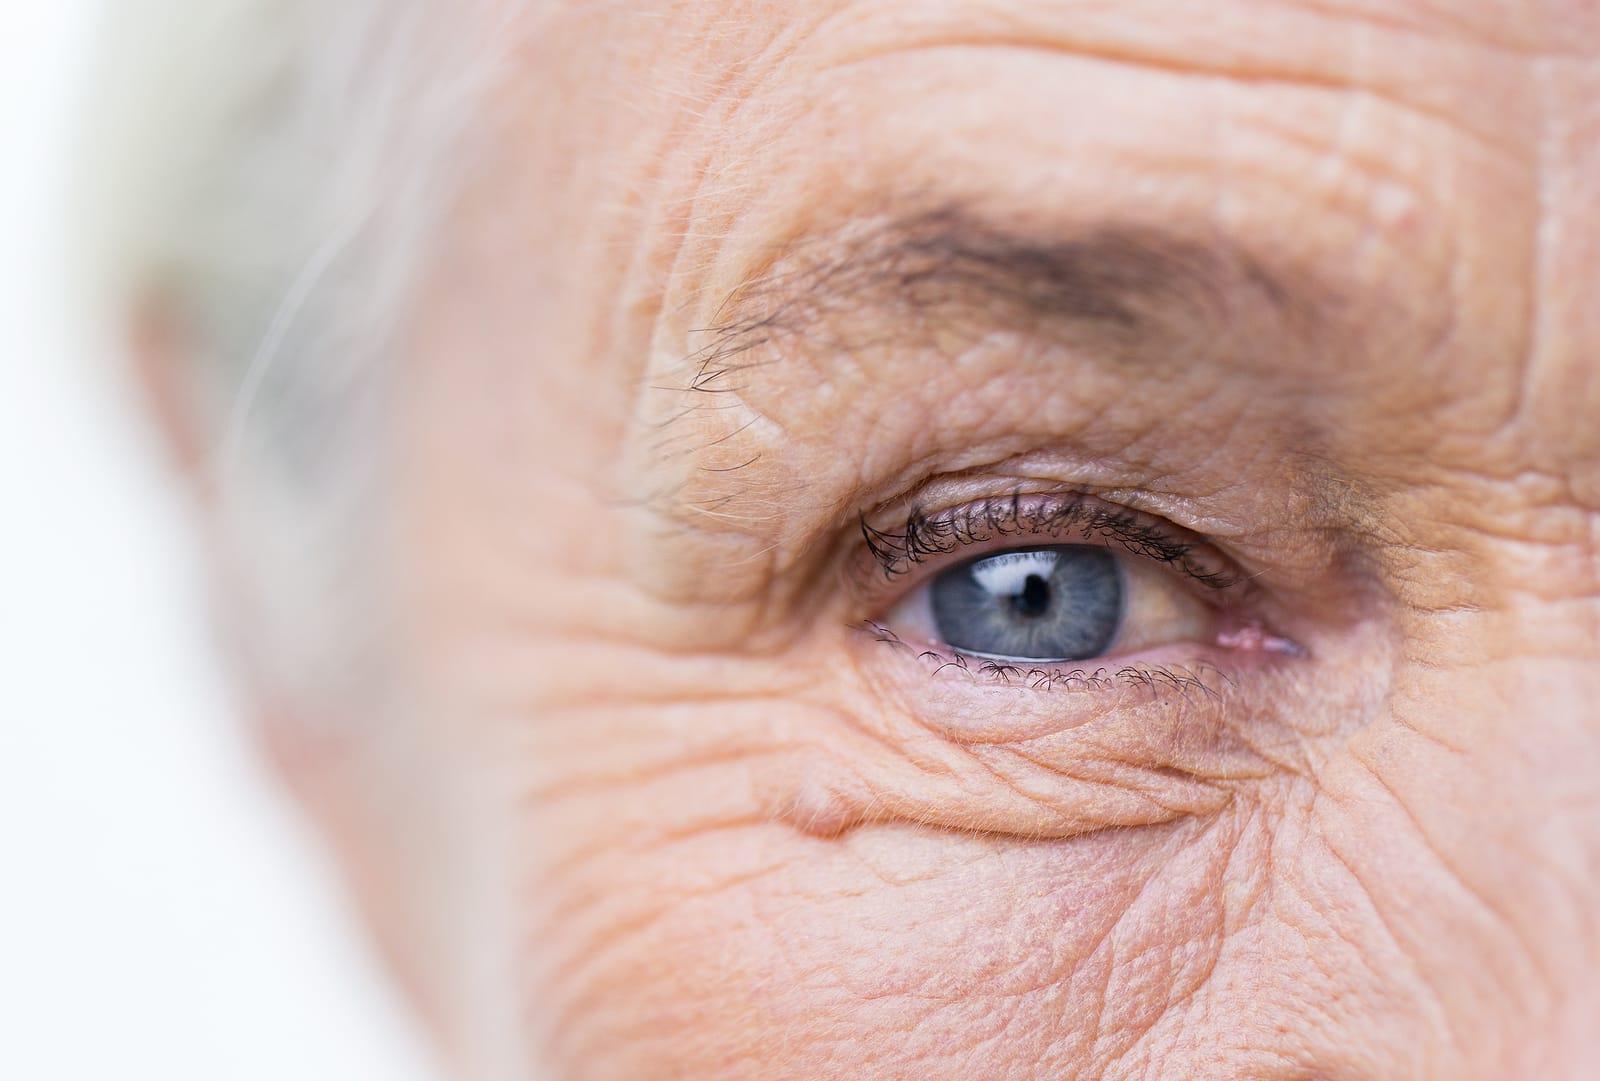 нормальное глазное давление в 60 лет